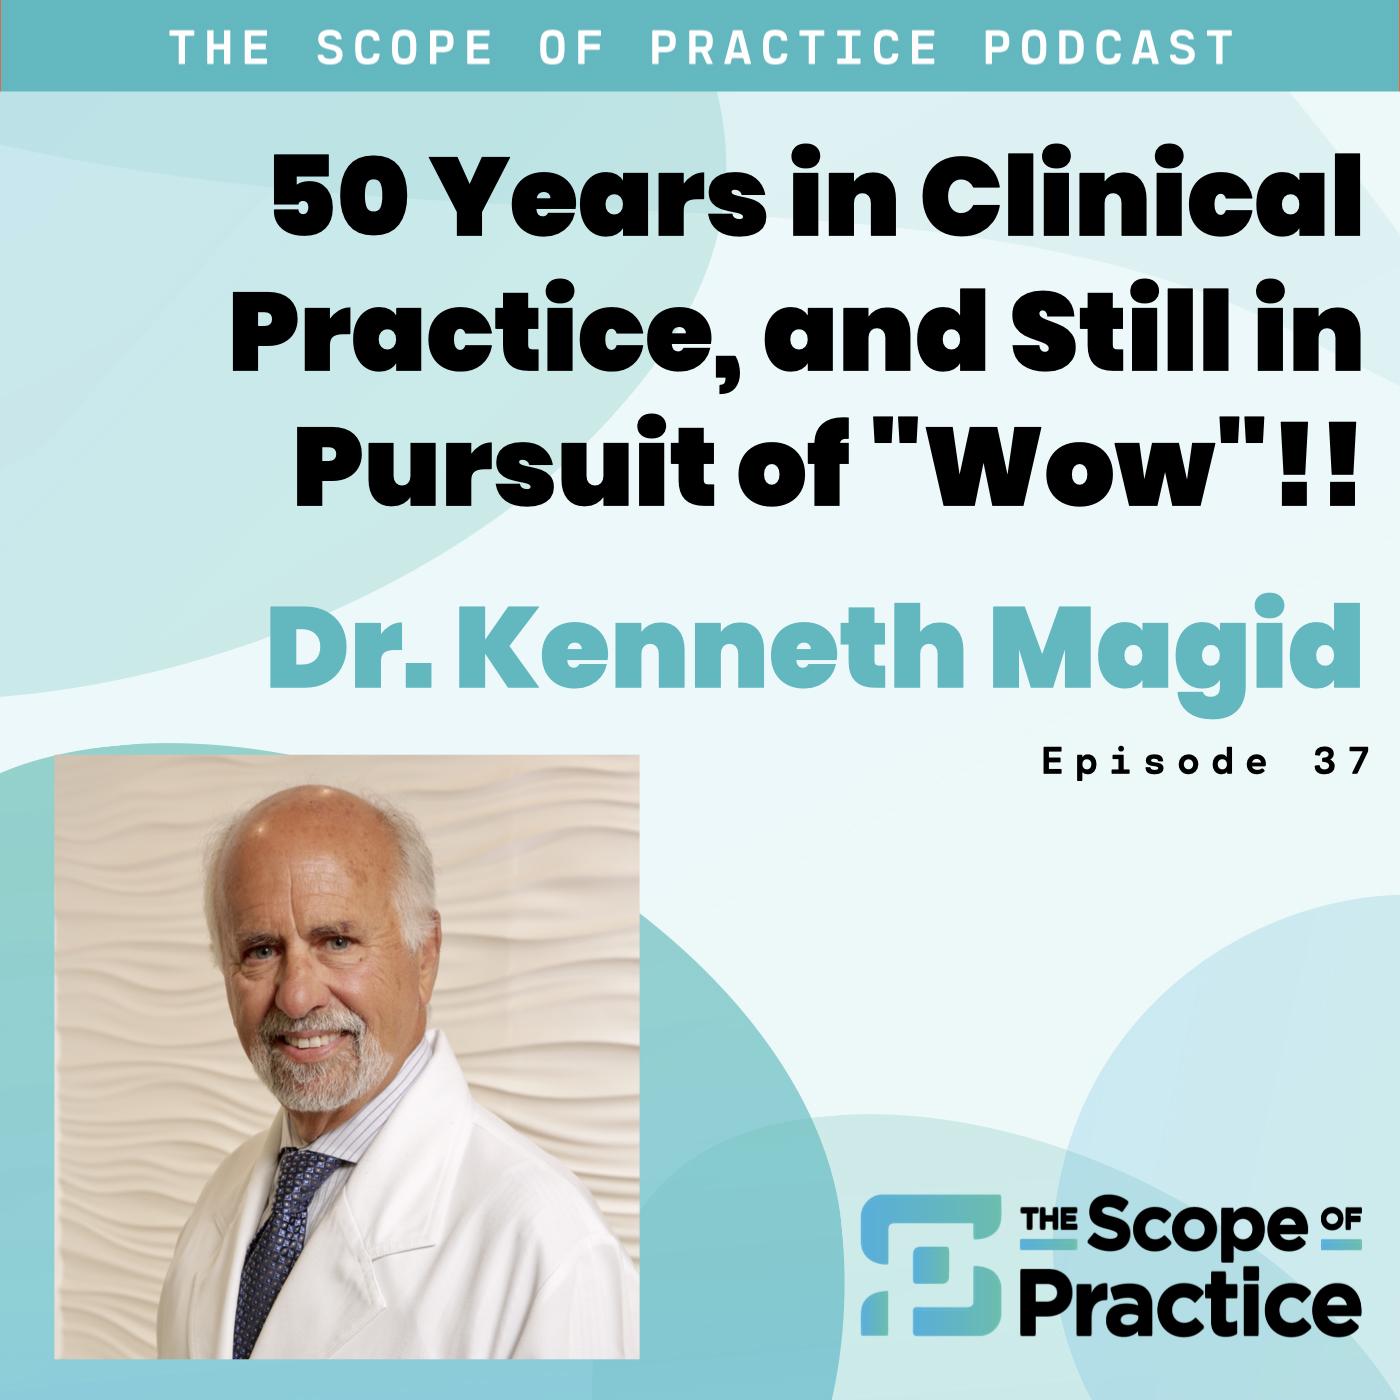 Dr. Kenneth Magid